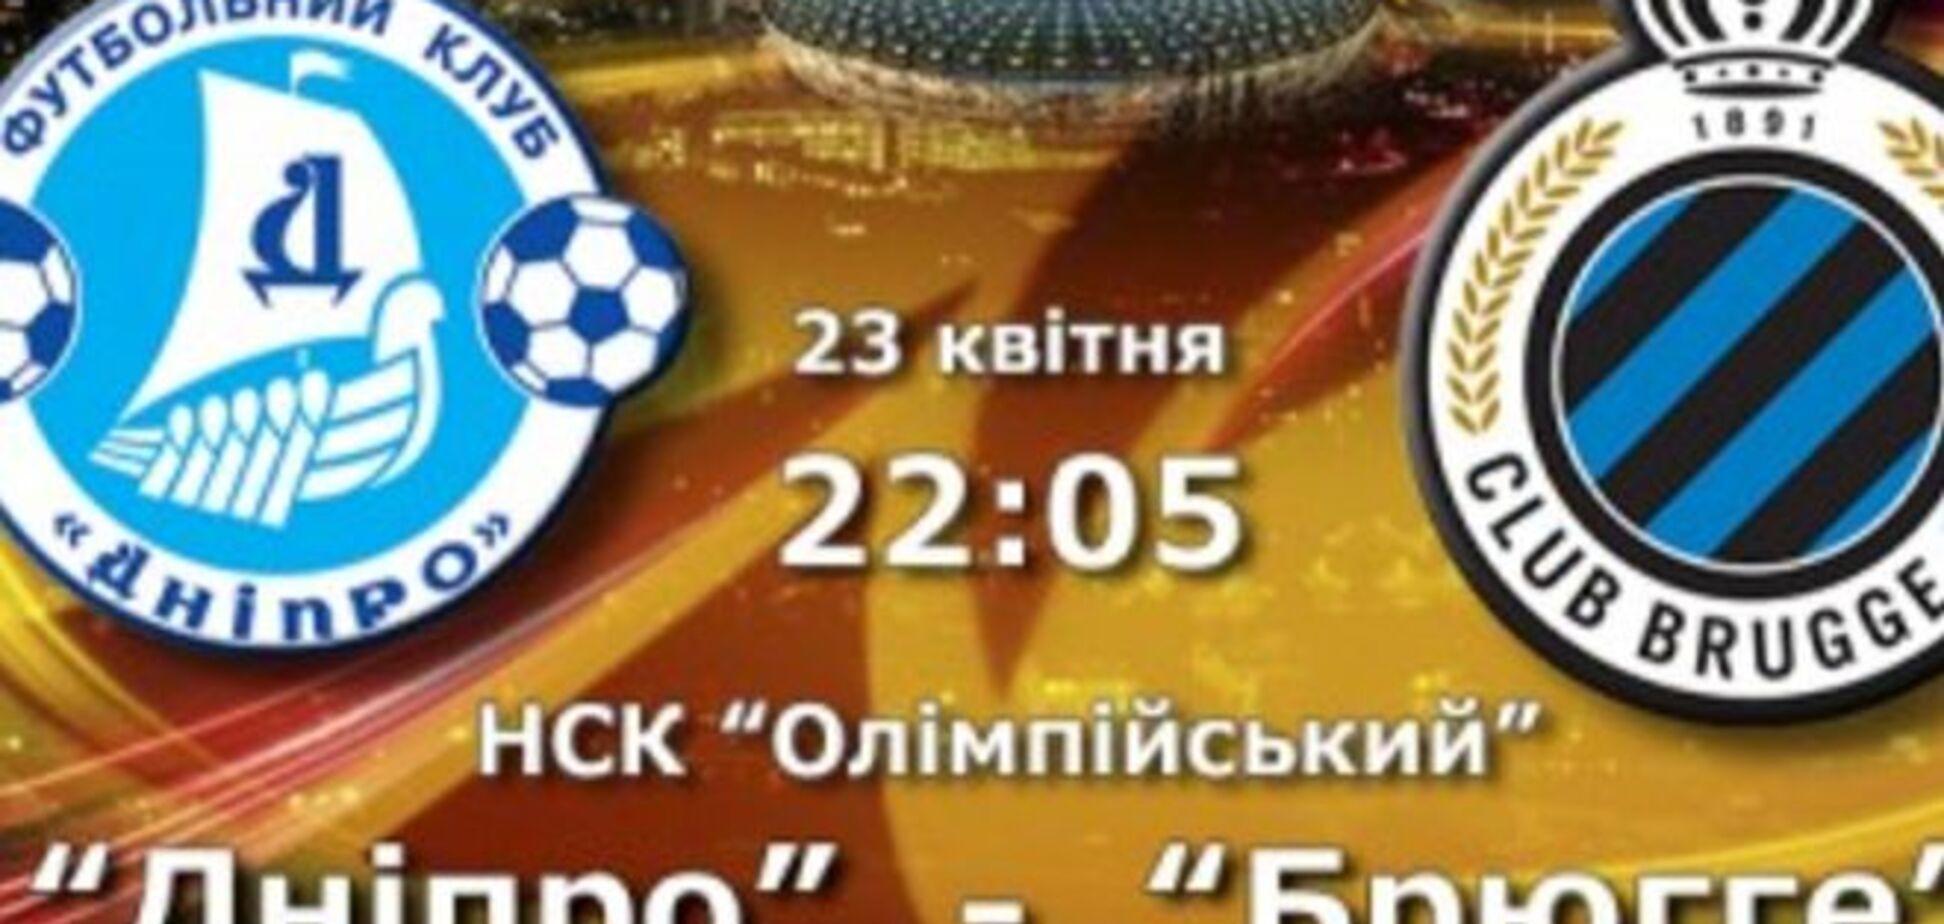 Дніпро - Брюгге: прогноз букмекерів на матч 1/4 фіналу Ліги Європи